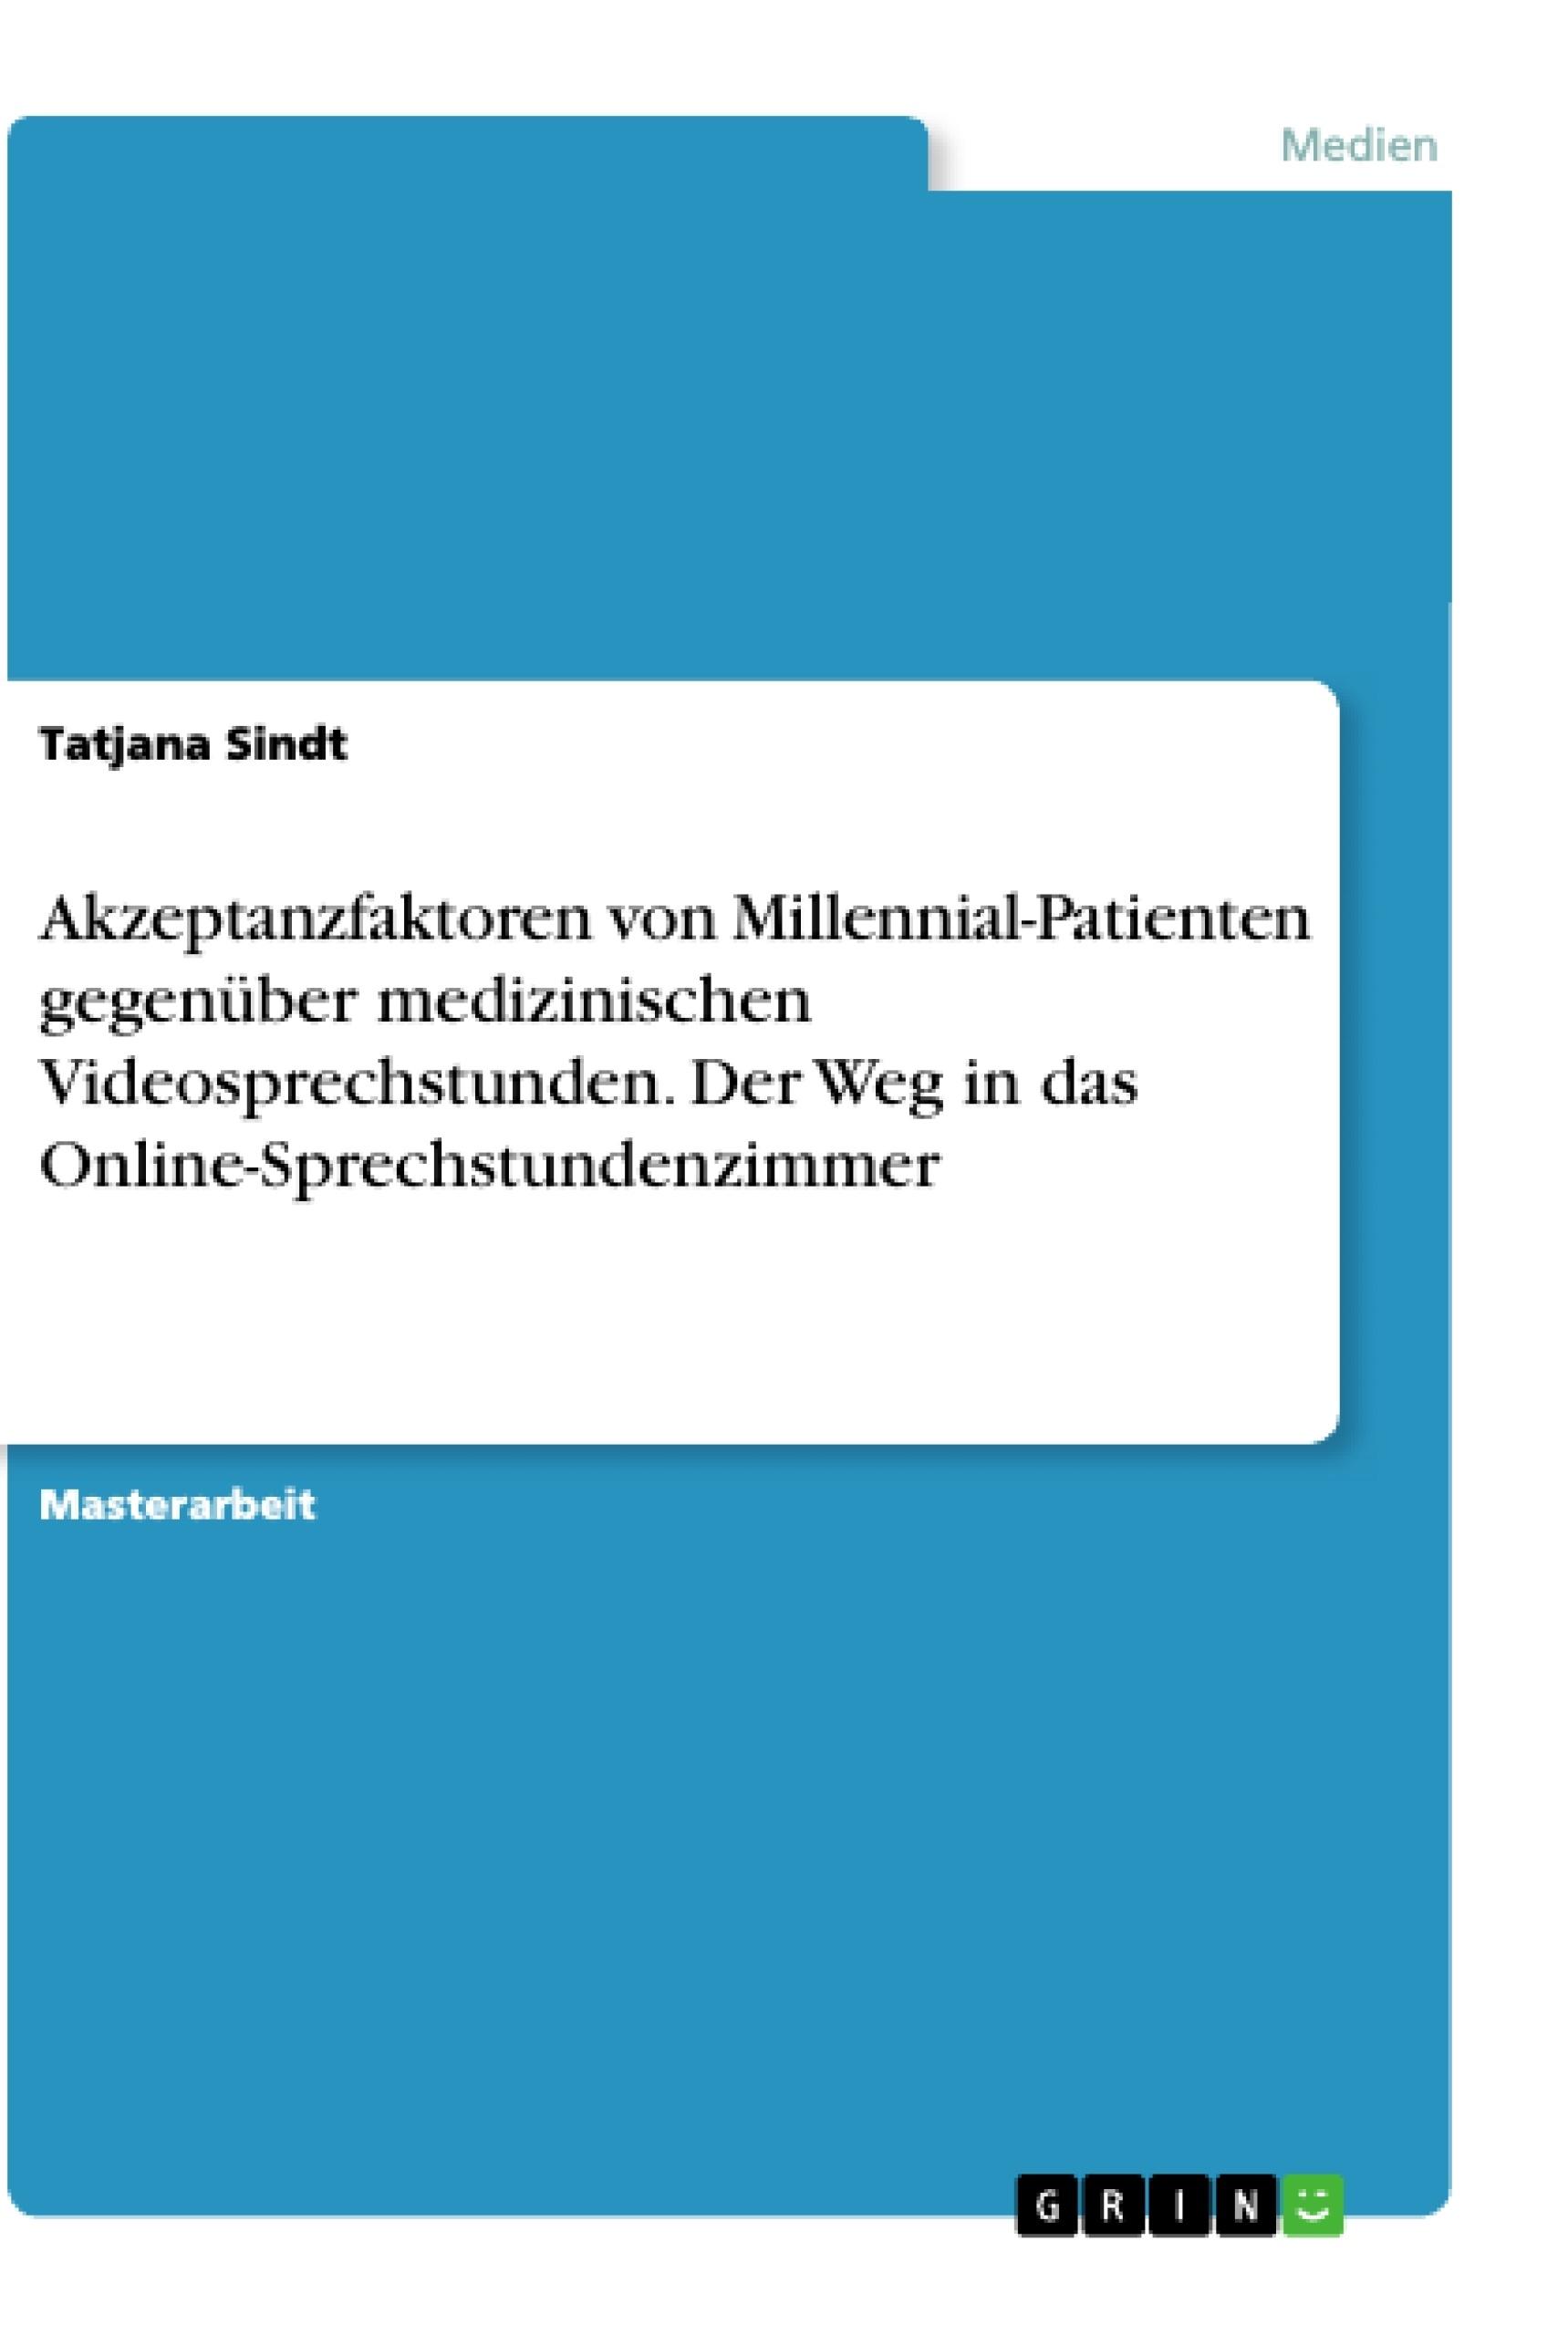 Titel: Akzeptanzfaktoren von Millennial-Patienten gegenüber medizinischen Videosprechstunden. Der Weg in das Online-Sprechstundenzimmer